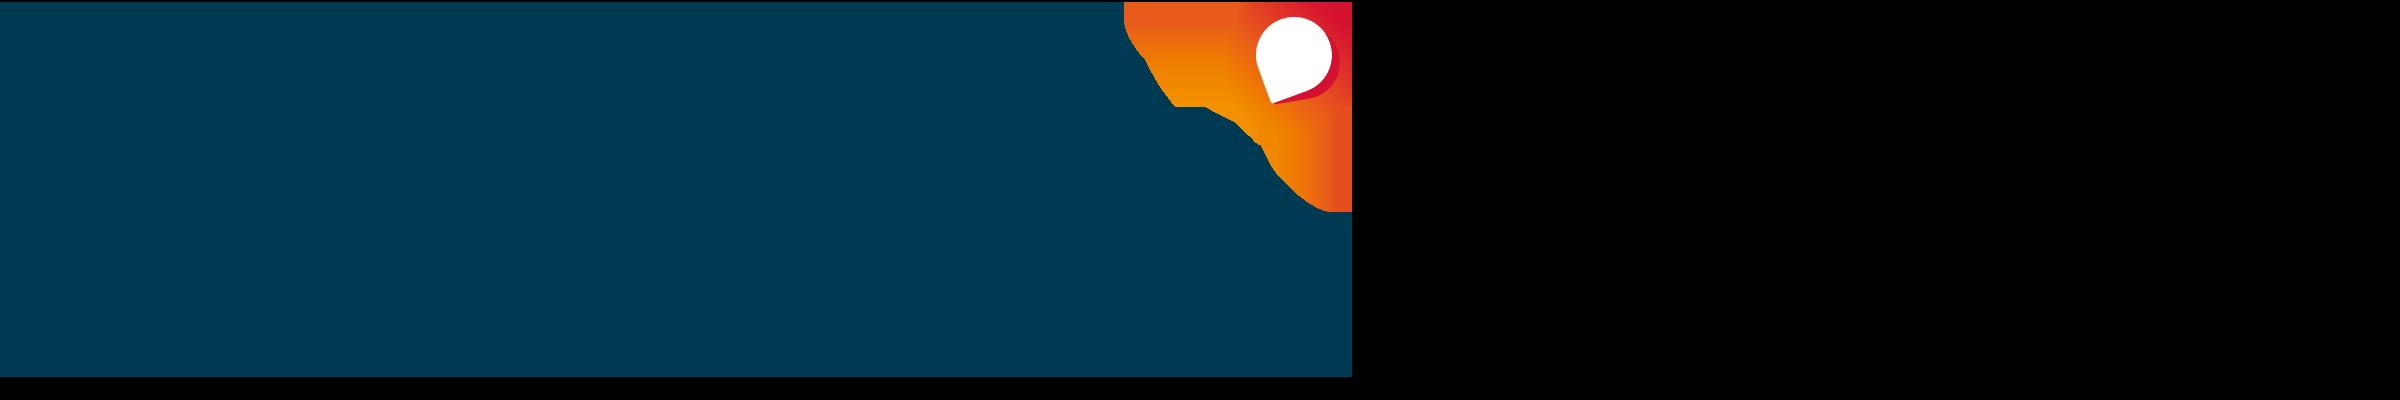 Van-Dongen-2400×600